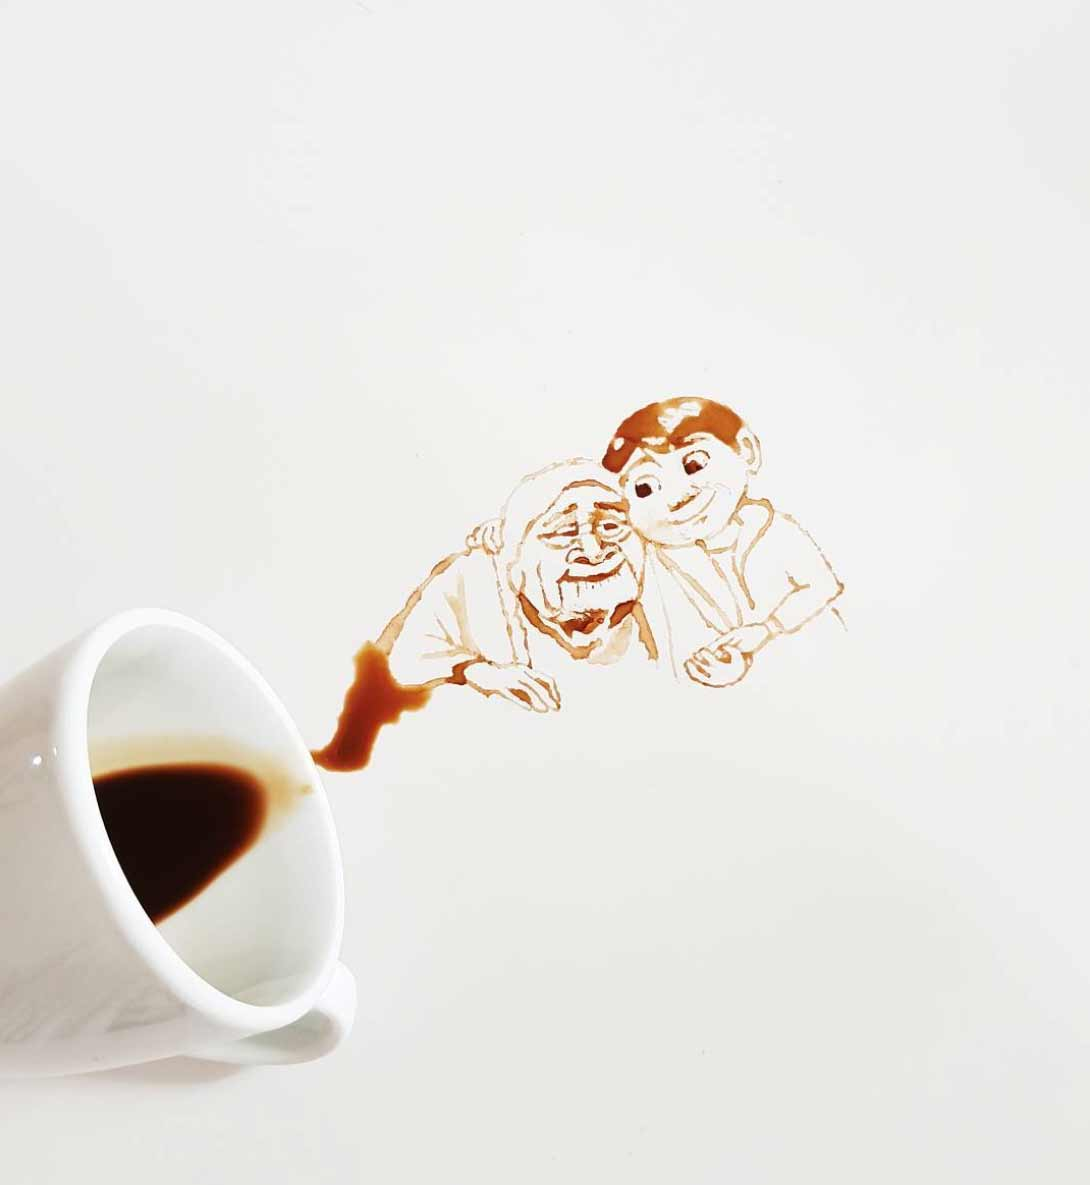 Neue Kaffee-Kunst von Giulia Bernardelli Giulia-Bernardelli-kaffeekunst-2_05